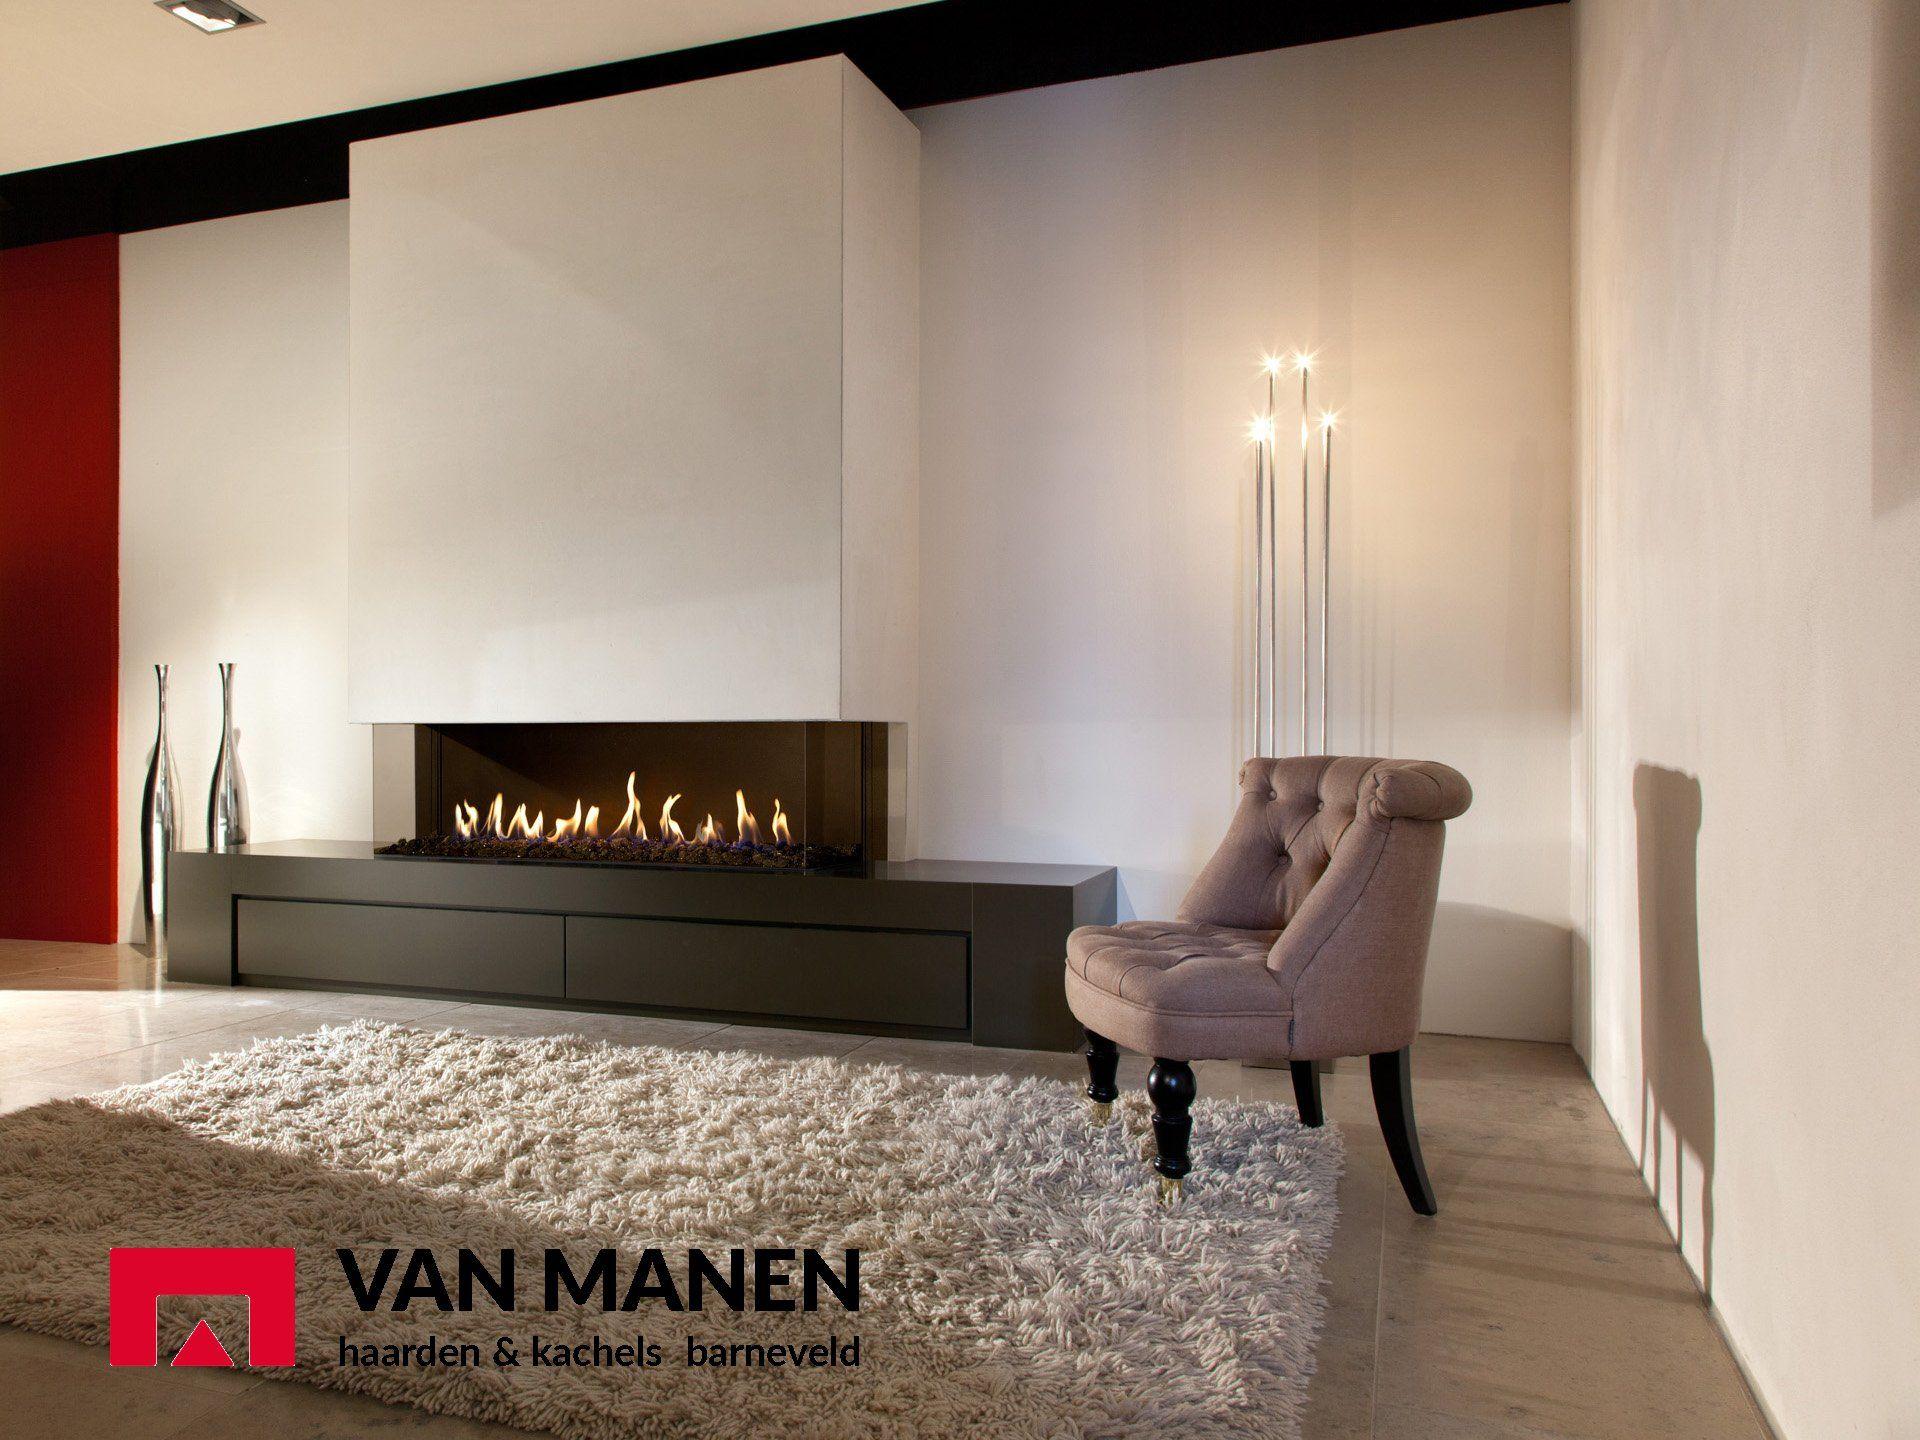 Kalfire G13037S Gashaard  Van Manen Haarden & Kachels Gas